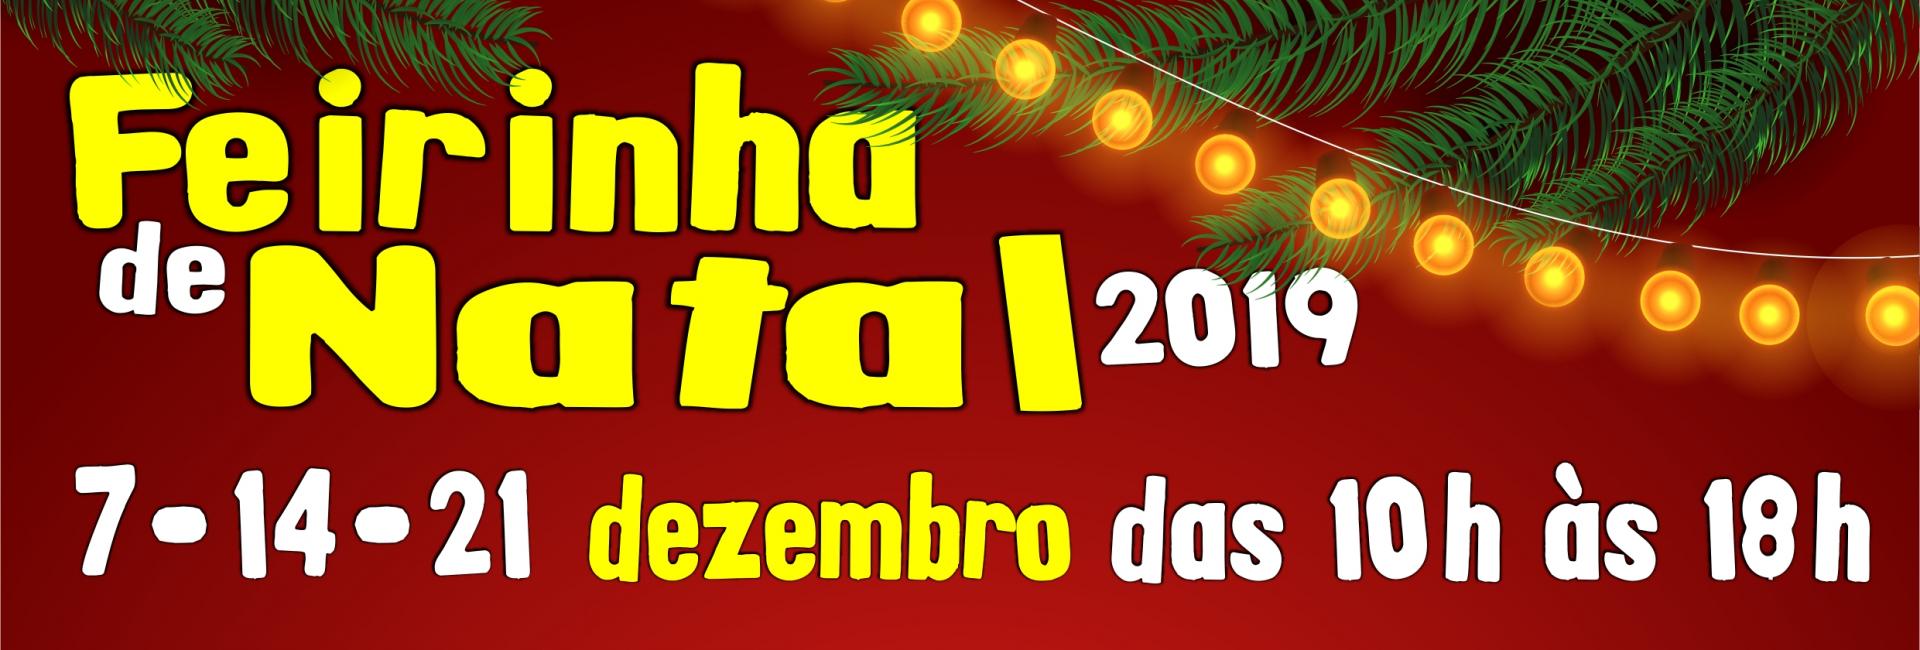 (Português) Feirinha de Natal na Praça Santa Maria madalena